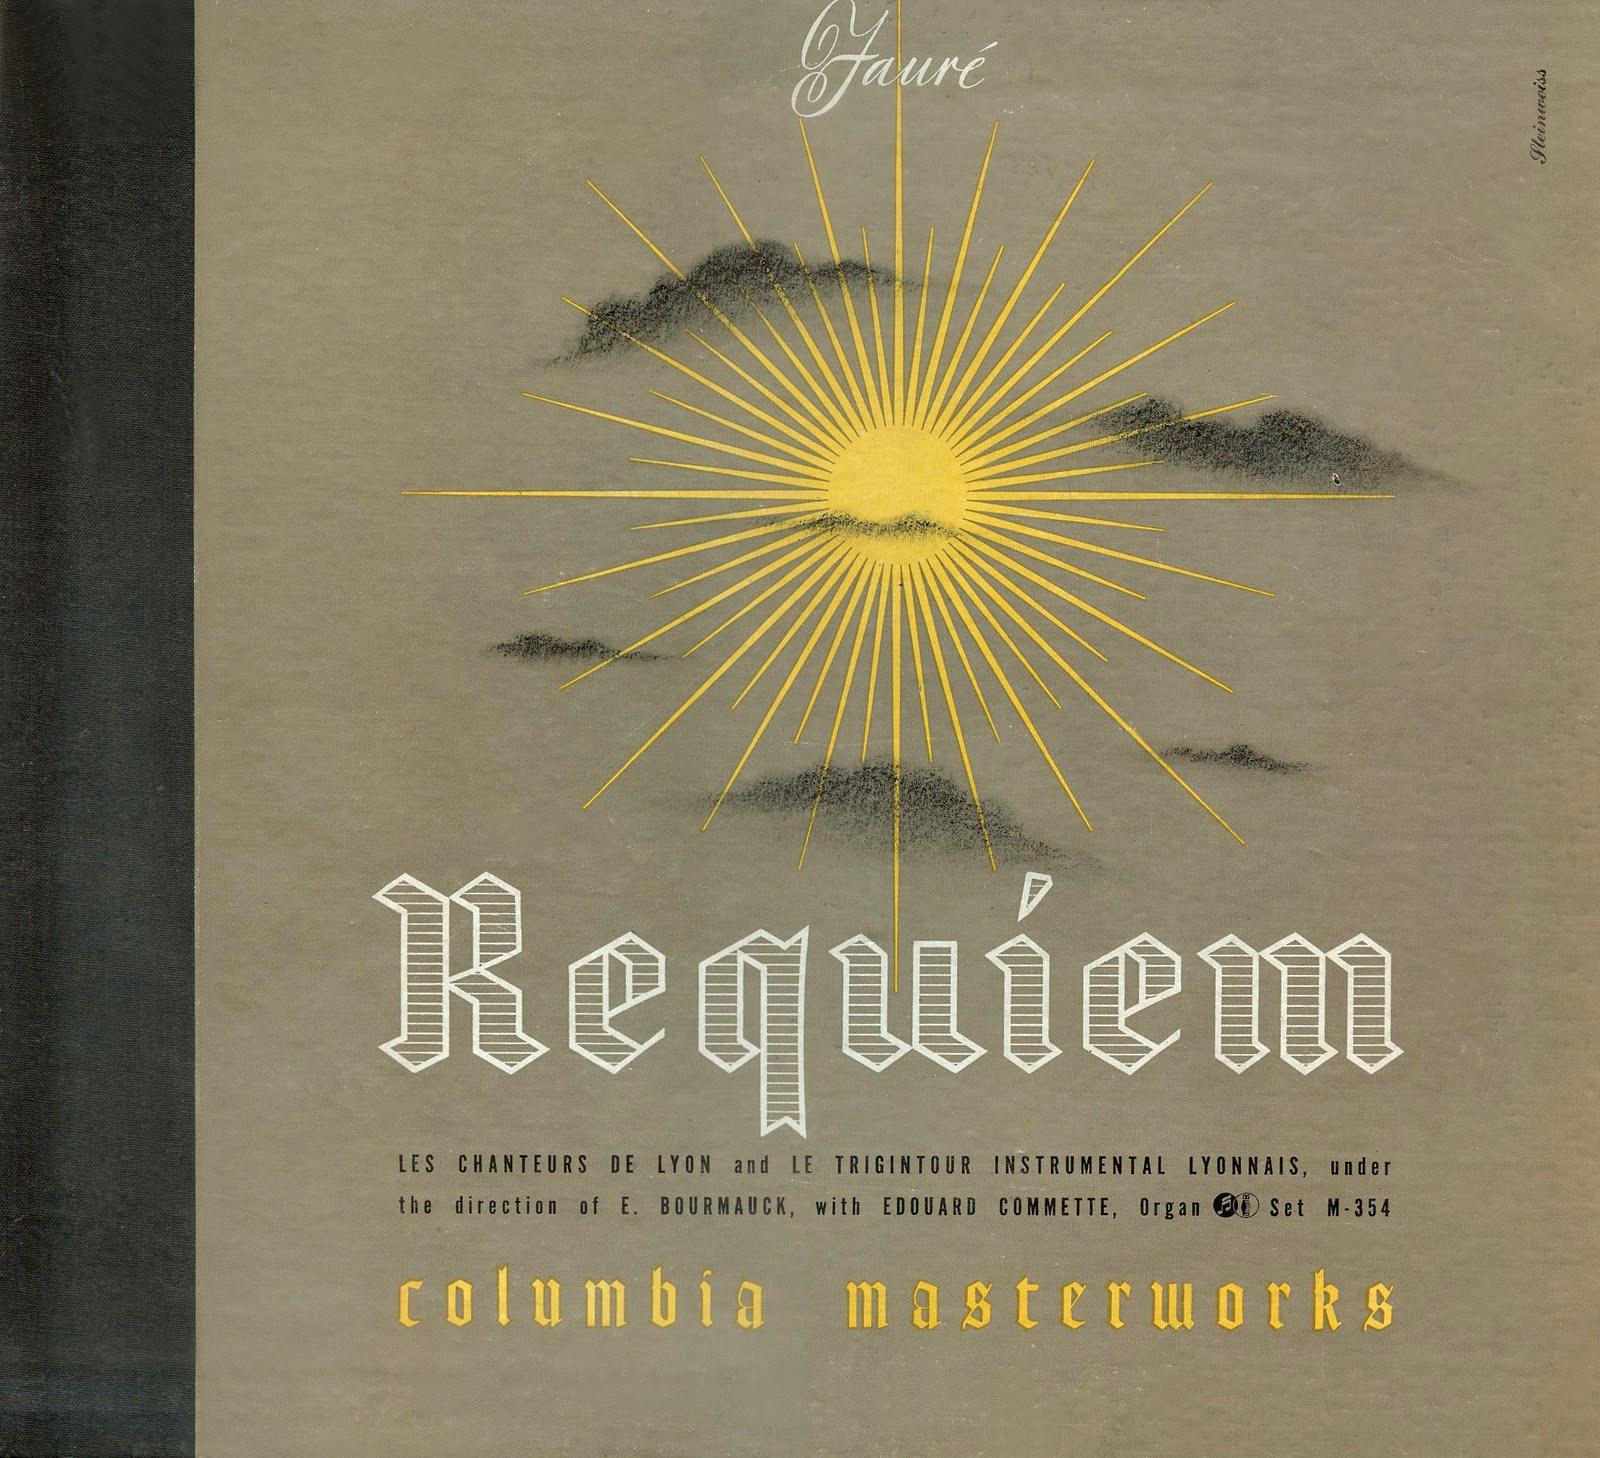 Requiem (Gabriel Fauré), Ernest Bourmauck et Les Chanteurs de Lyon et Le Trigintour Instrumental Lyonnais, Columbia Masterworks, 1943